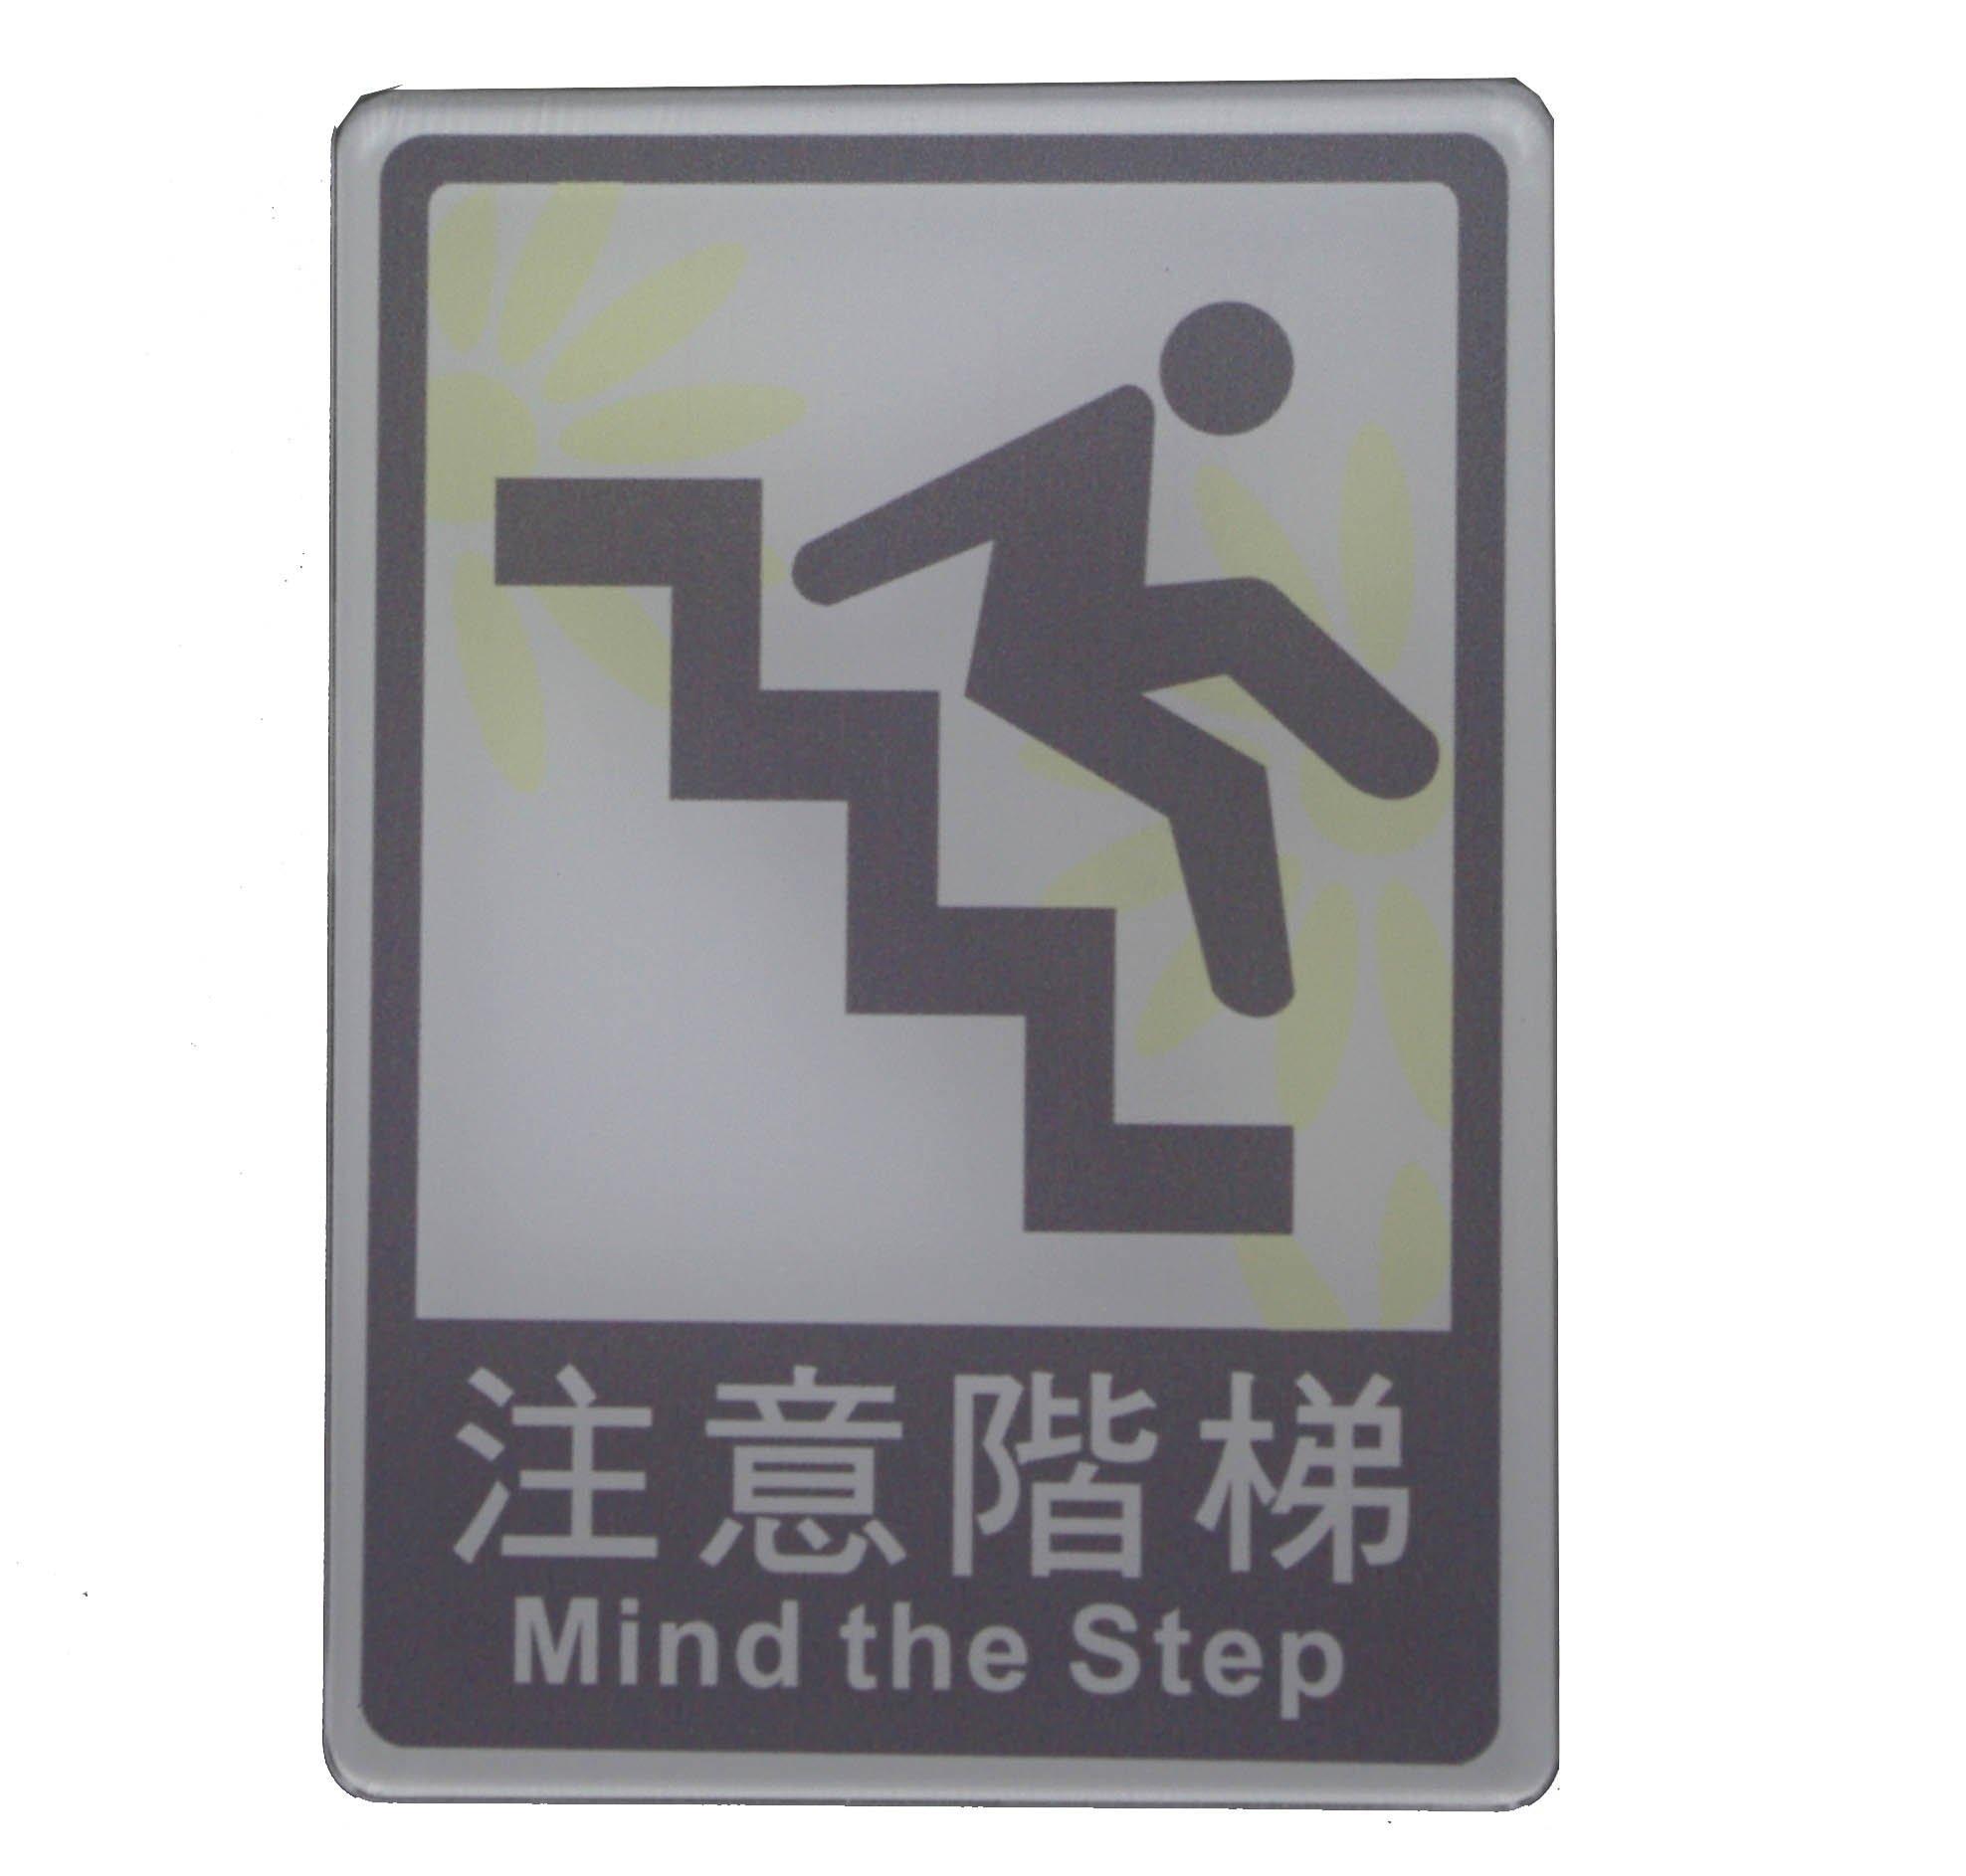 力維新室內指標[W0011] 貼壁式警語標示牌 注意階梯.小心階梯 樓梯 標示牌 標誌 壓克力